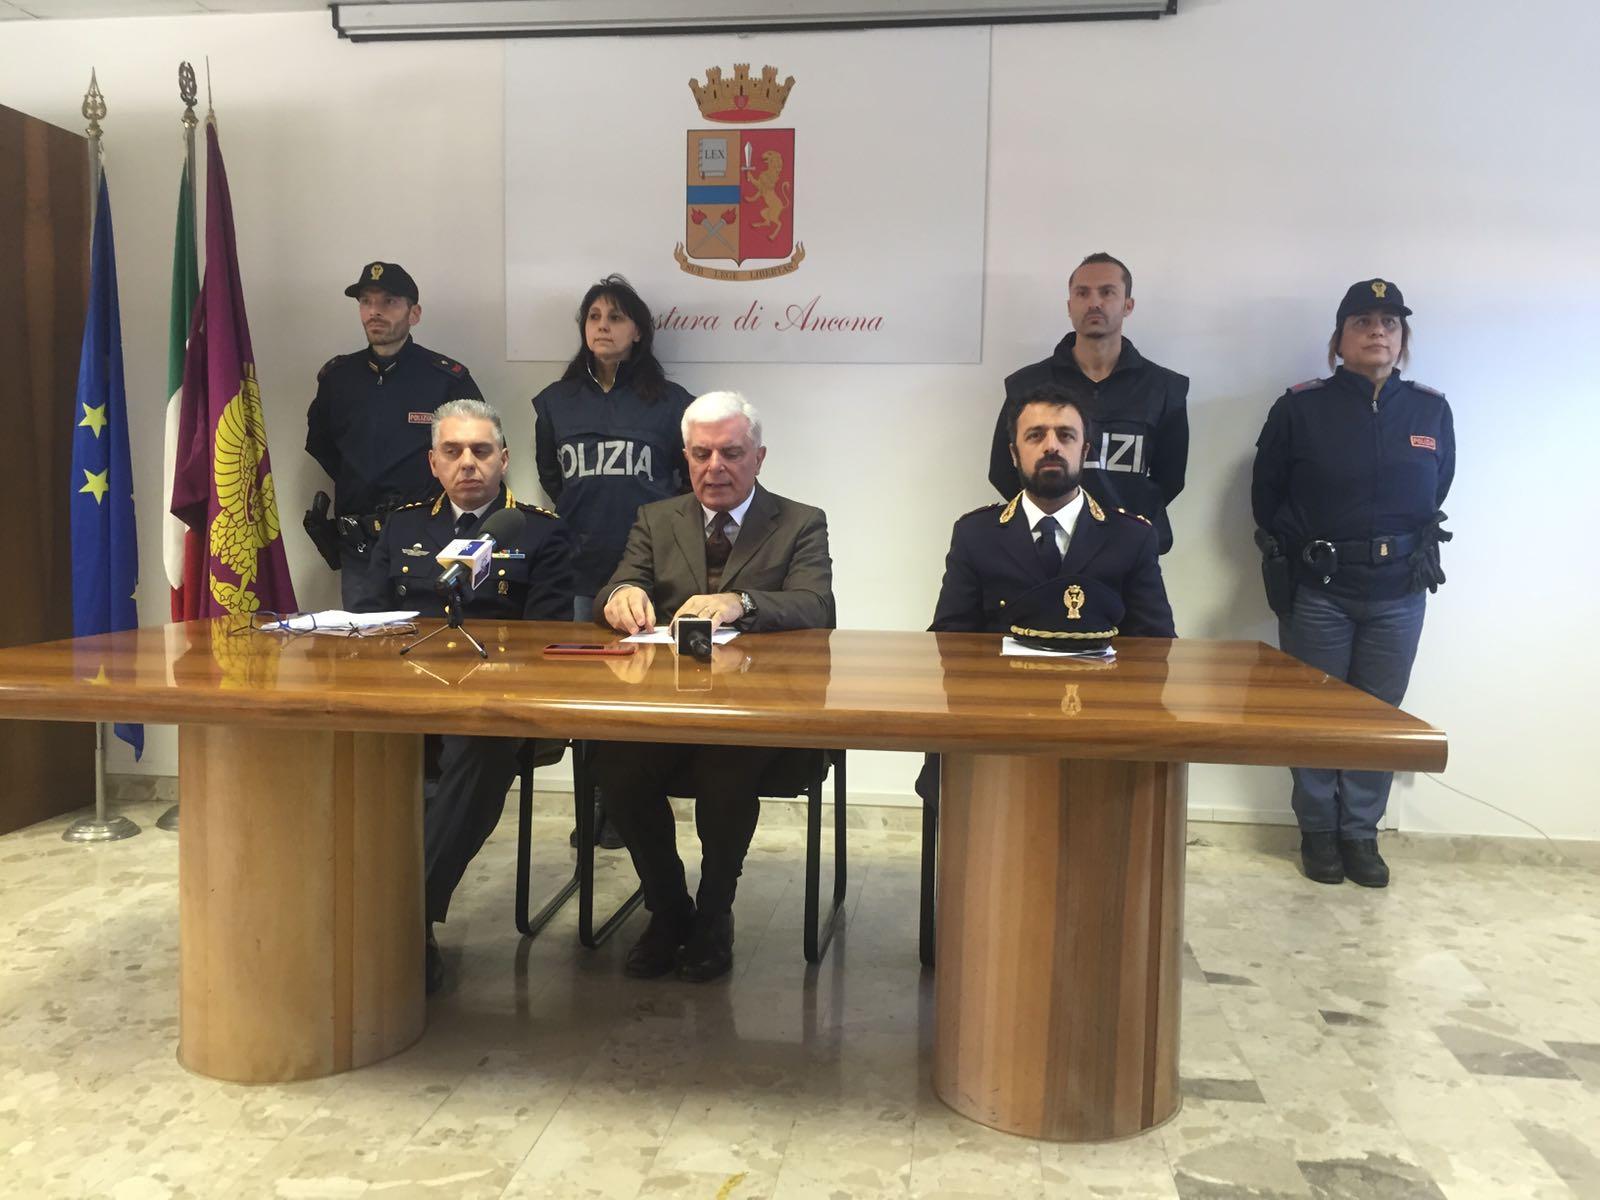 Carlo Pinto della squadra mobile di Ancona con il questore Oreste Capocasa e il capo della squadra mobile di Forlì Mario Paternoster